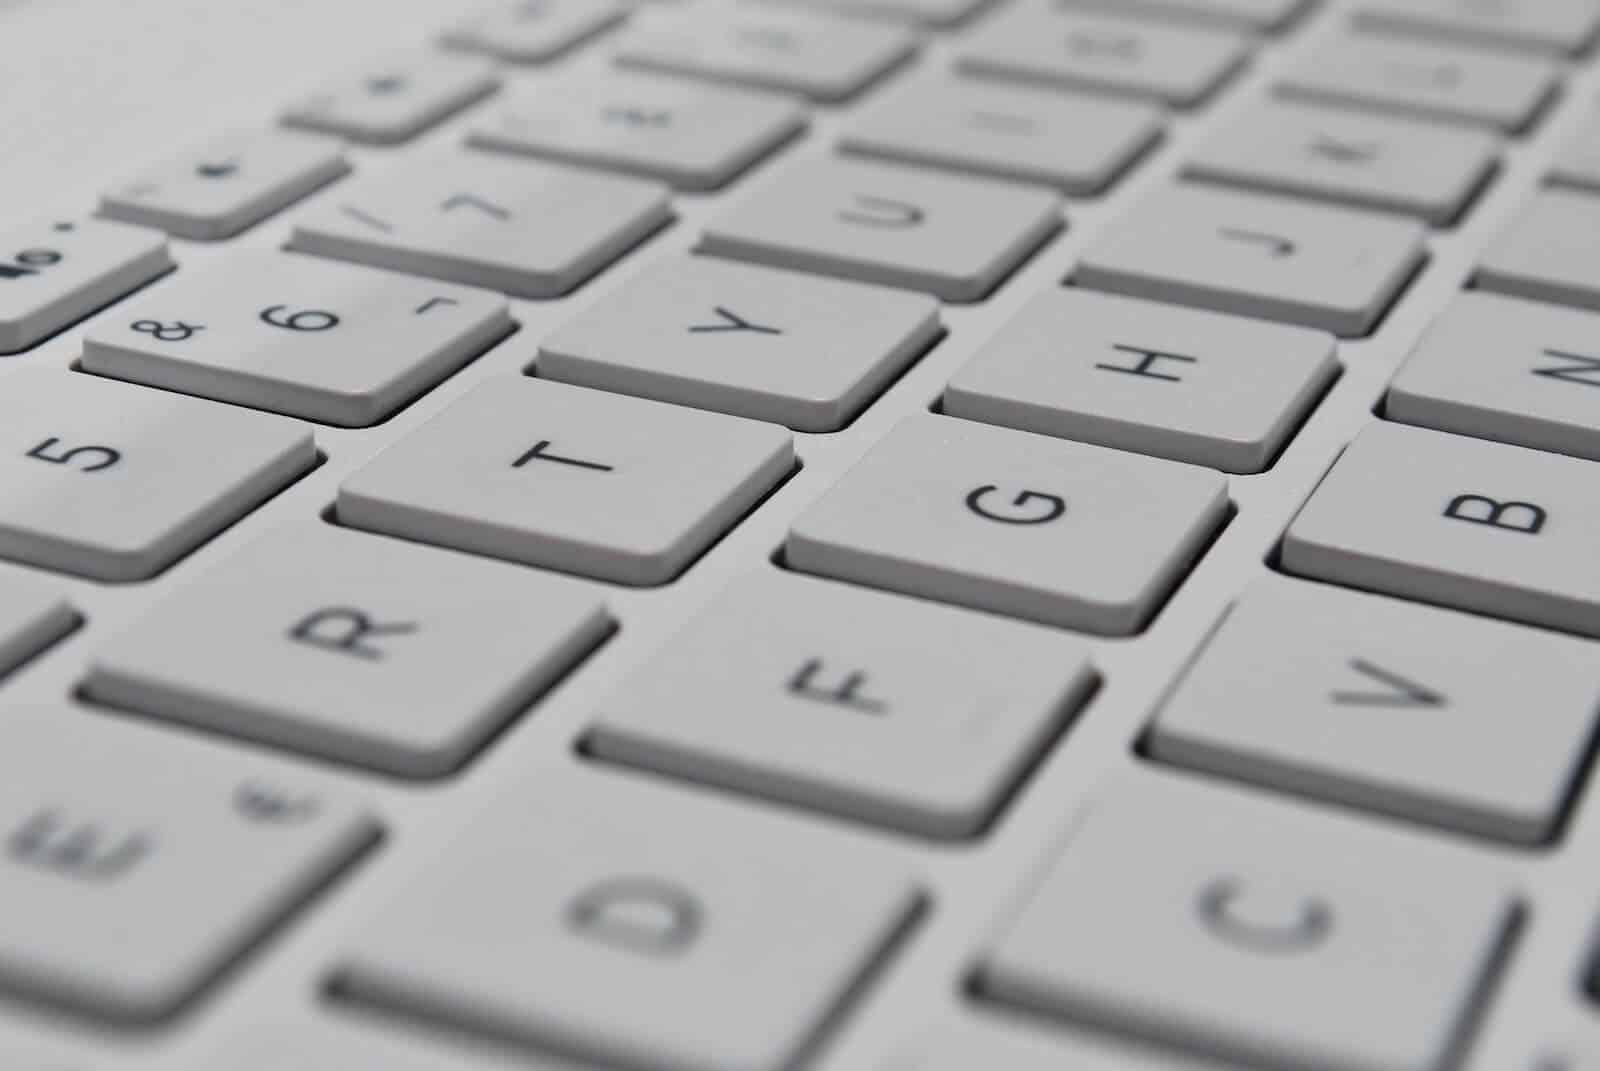 tipos de teclado membrana